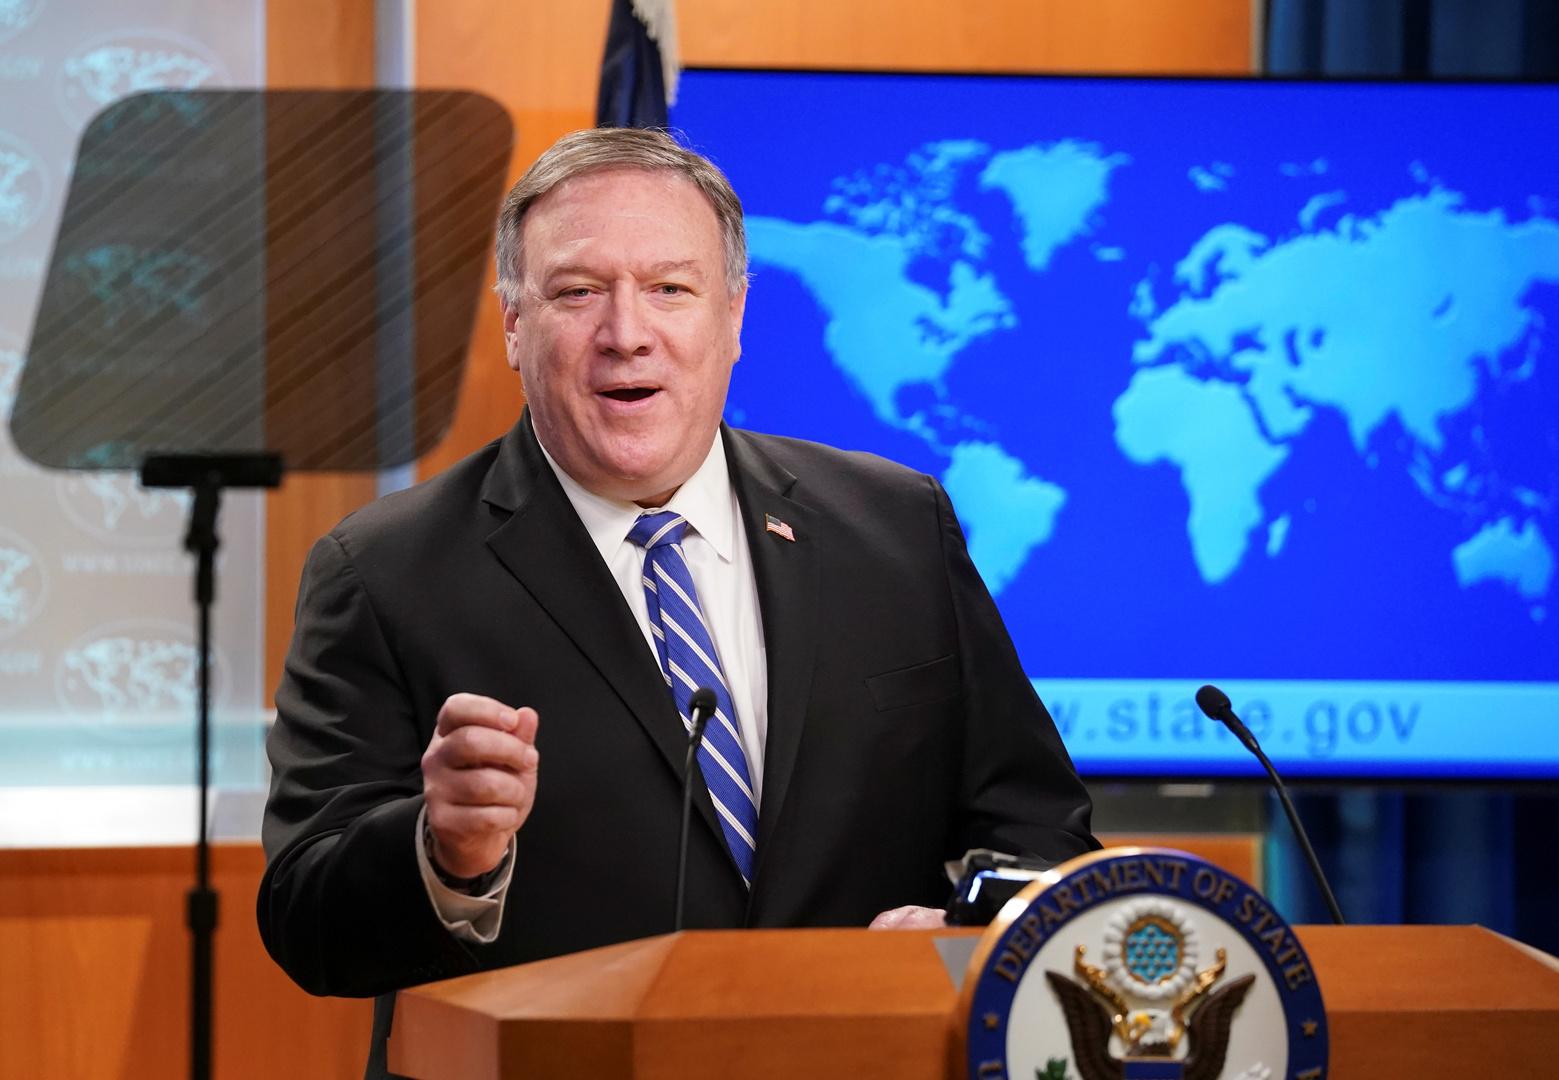 الولايات المتحدة وروسيا تتبادلان المساعدات لمكافحة كورونا